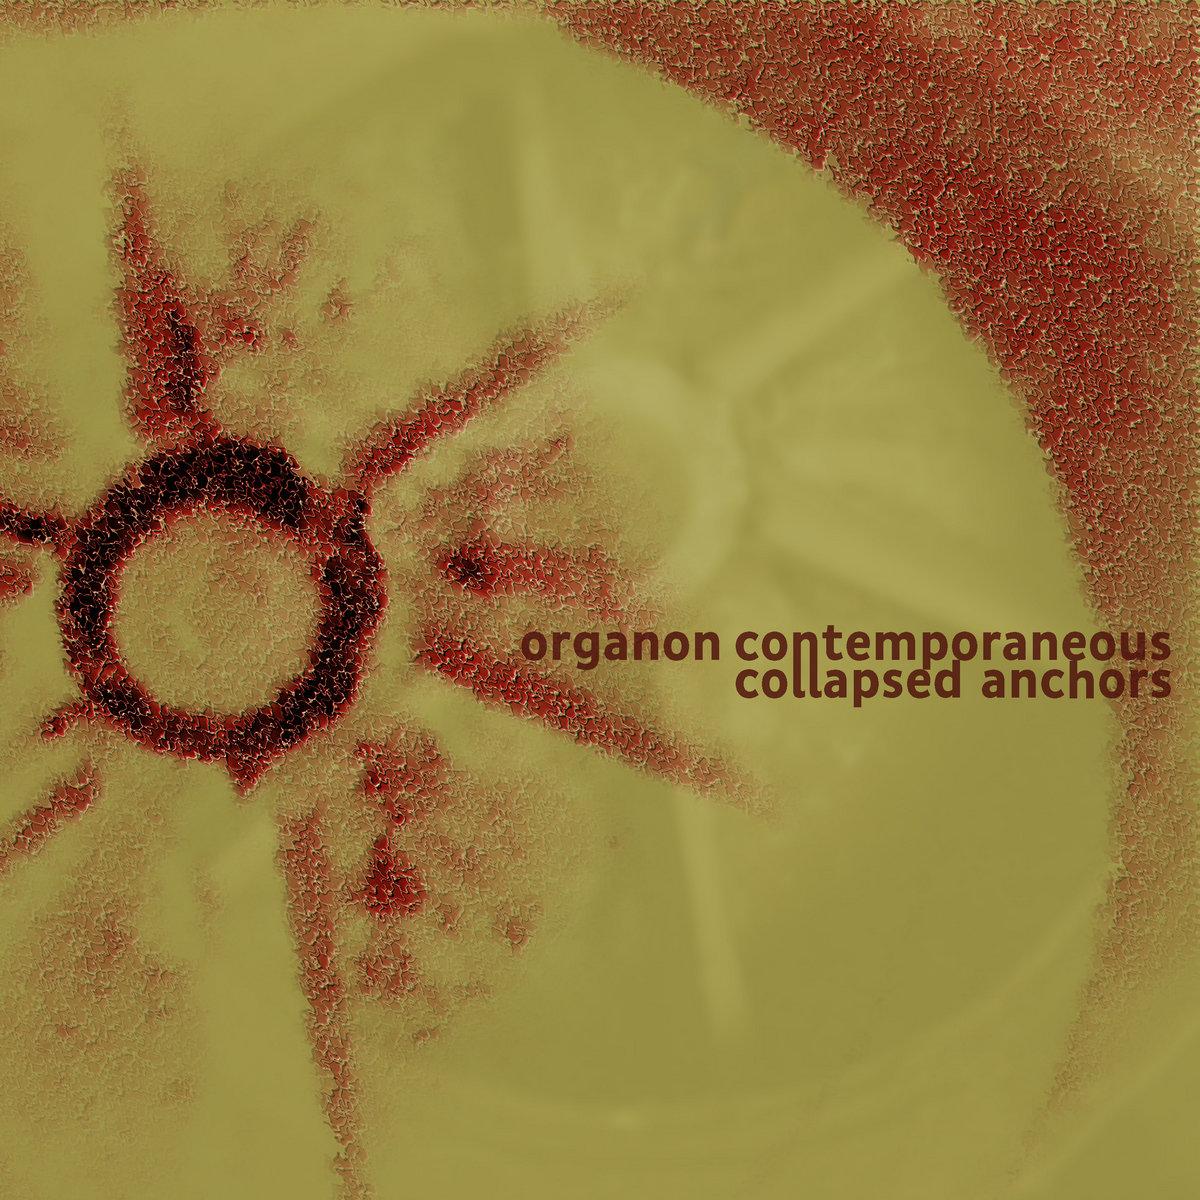 organon contemporaneous – collapsed anchors